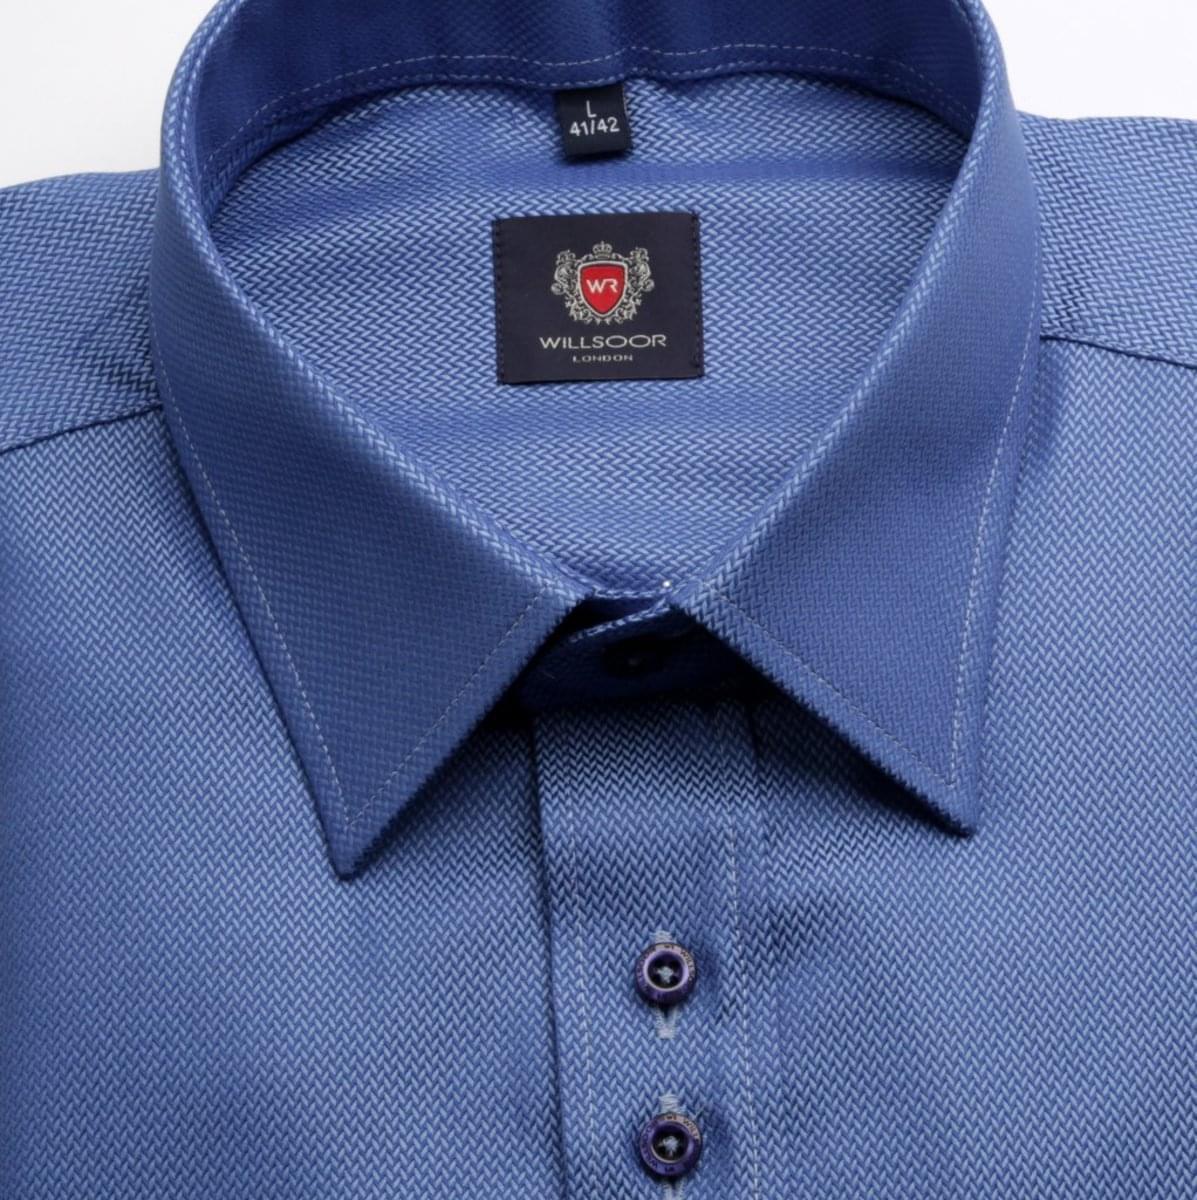 Košile WR London (výška176-182)3986 176-182 / XL (43/44)